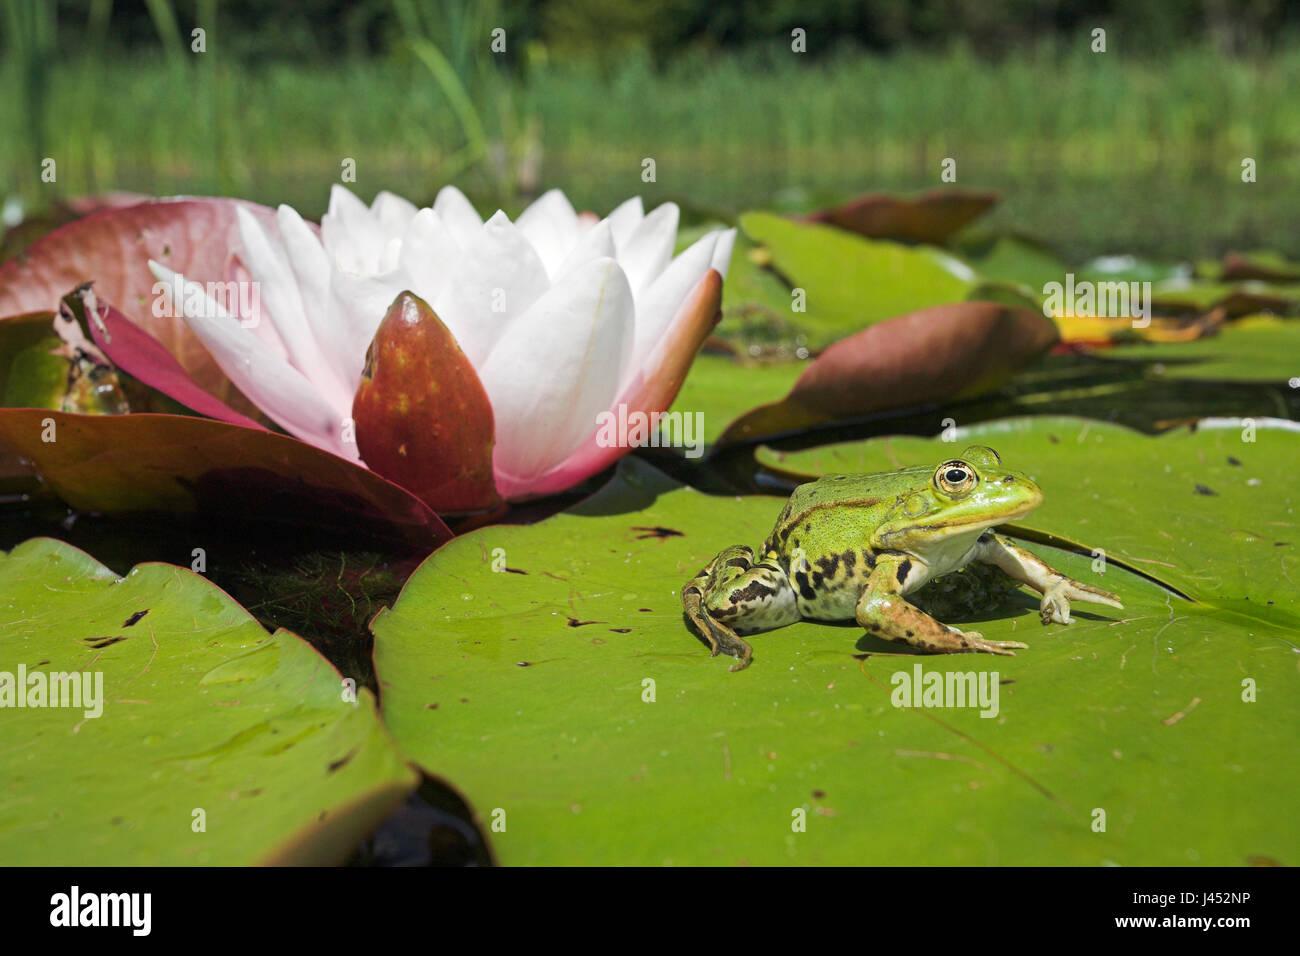 Foto von einem essbaren Frosch sitzt auf einem Blatt des Europäischen weißen Waterlilly mit einer Blume Stockbild